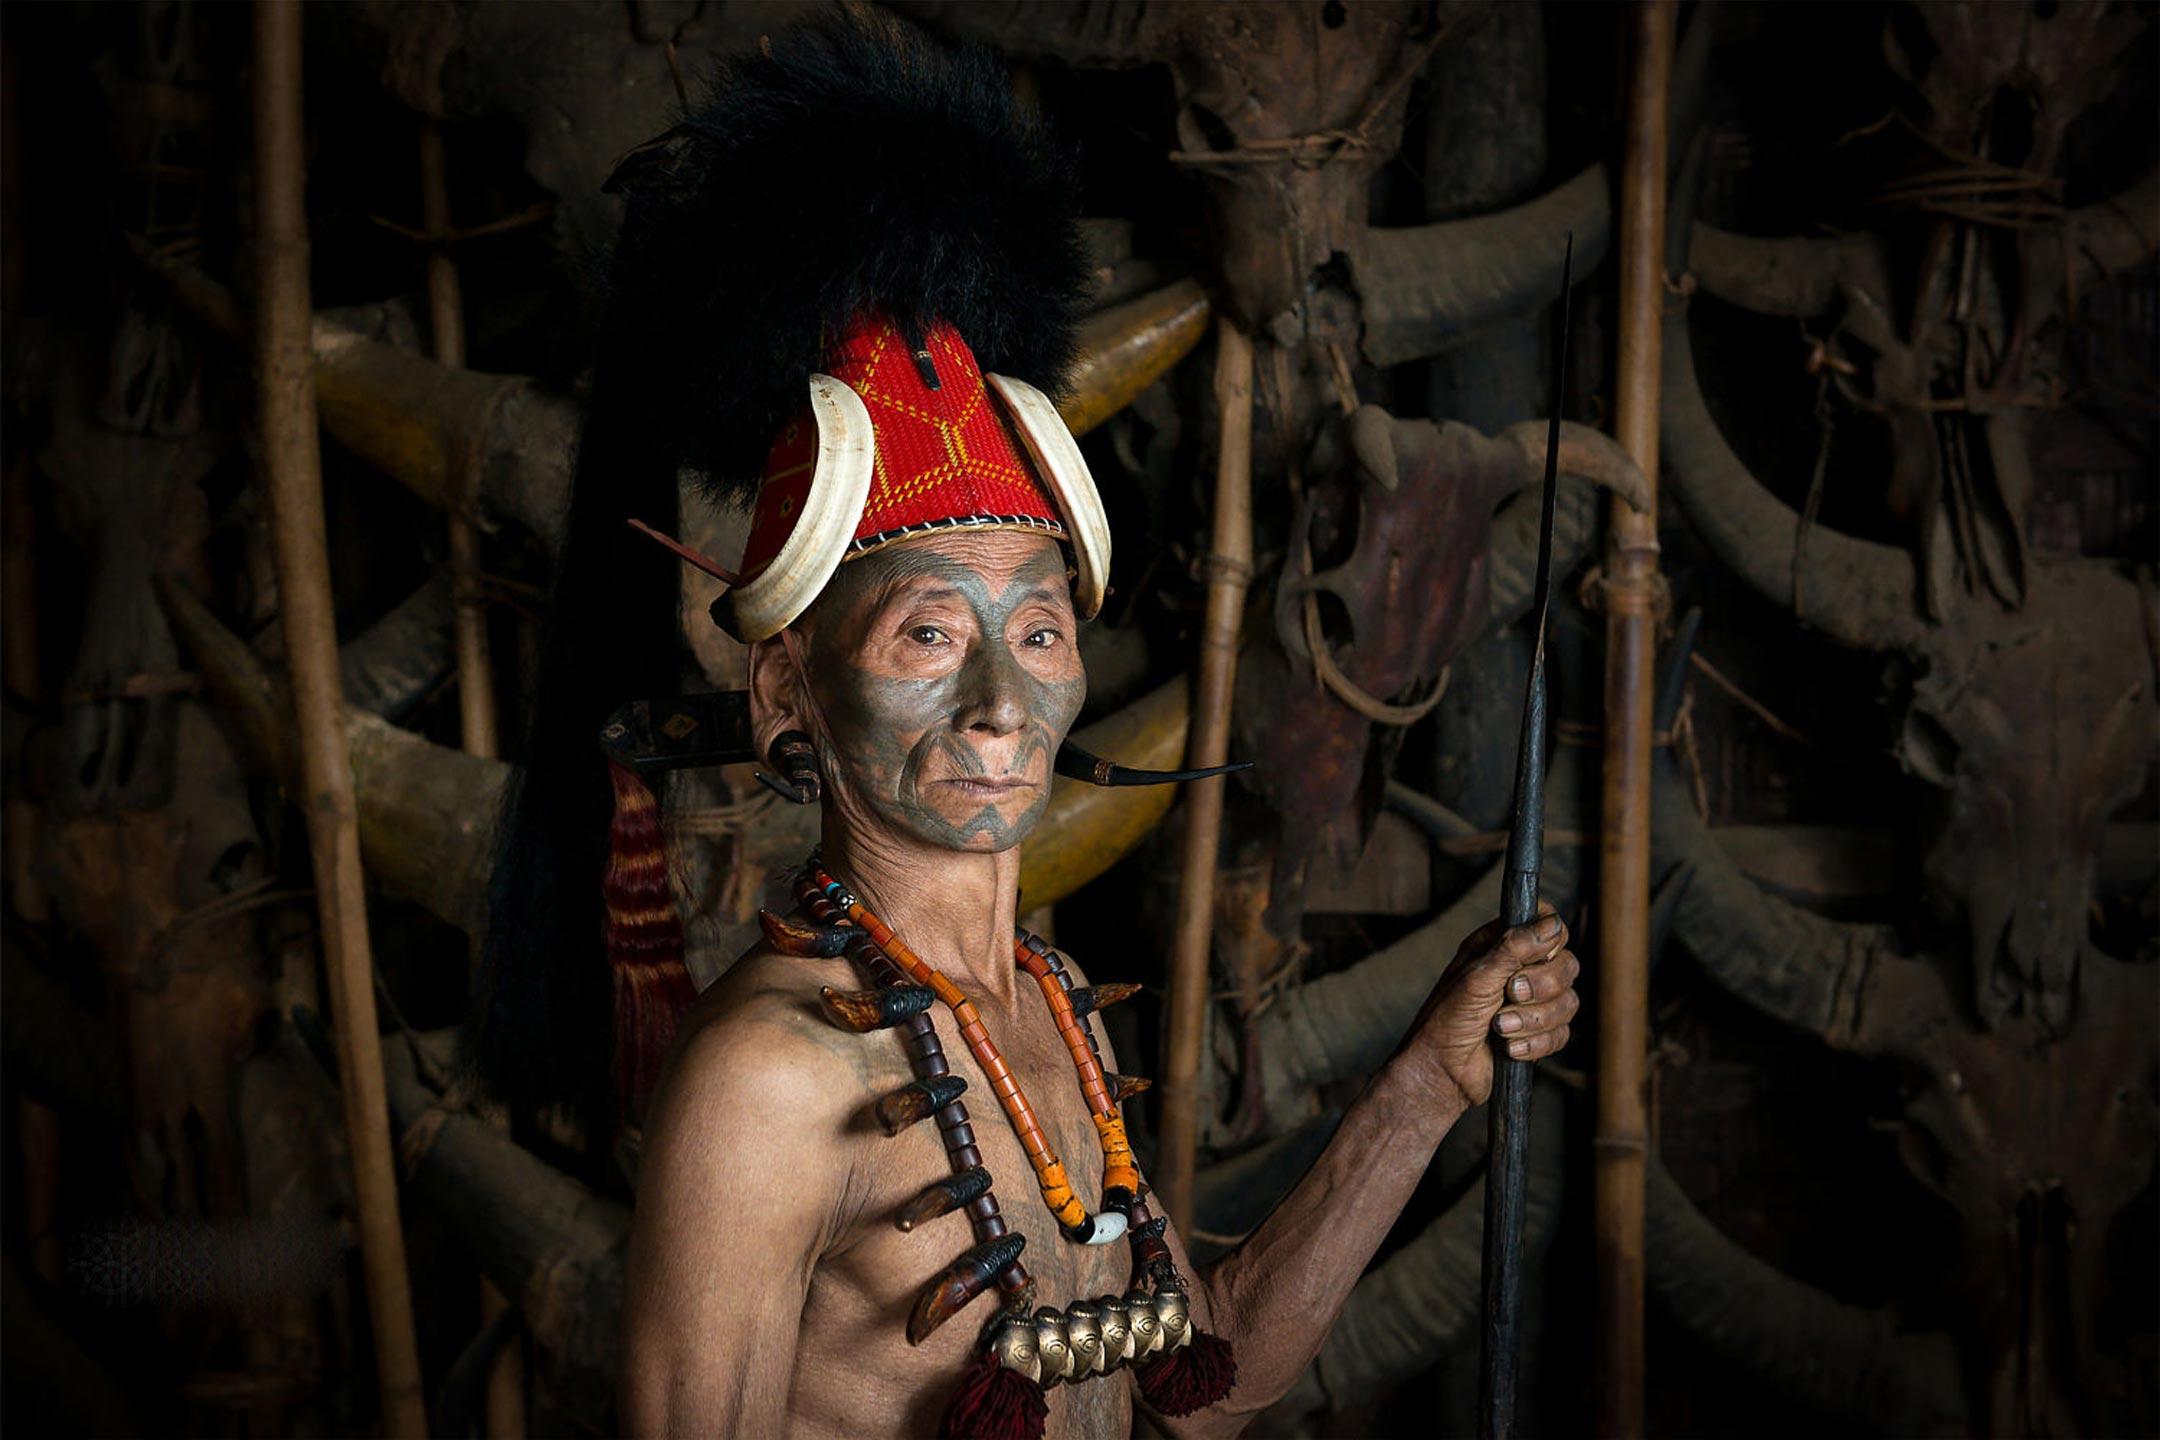 A Konyak Warrior by Manlam konyak / WIKIMEDIA COMMONS